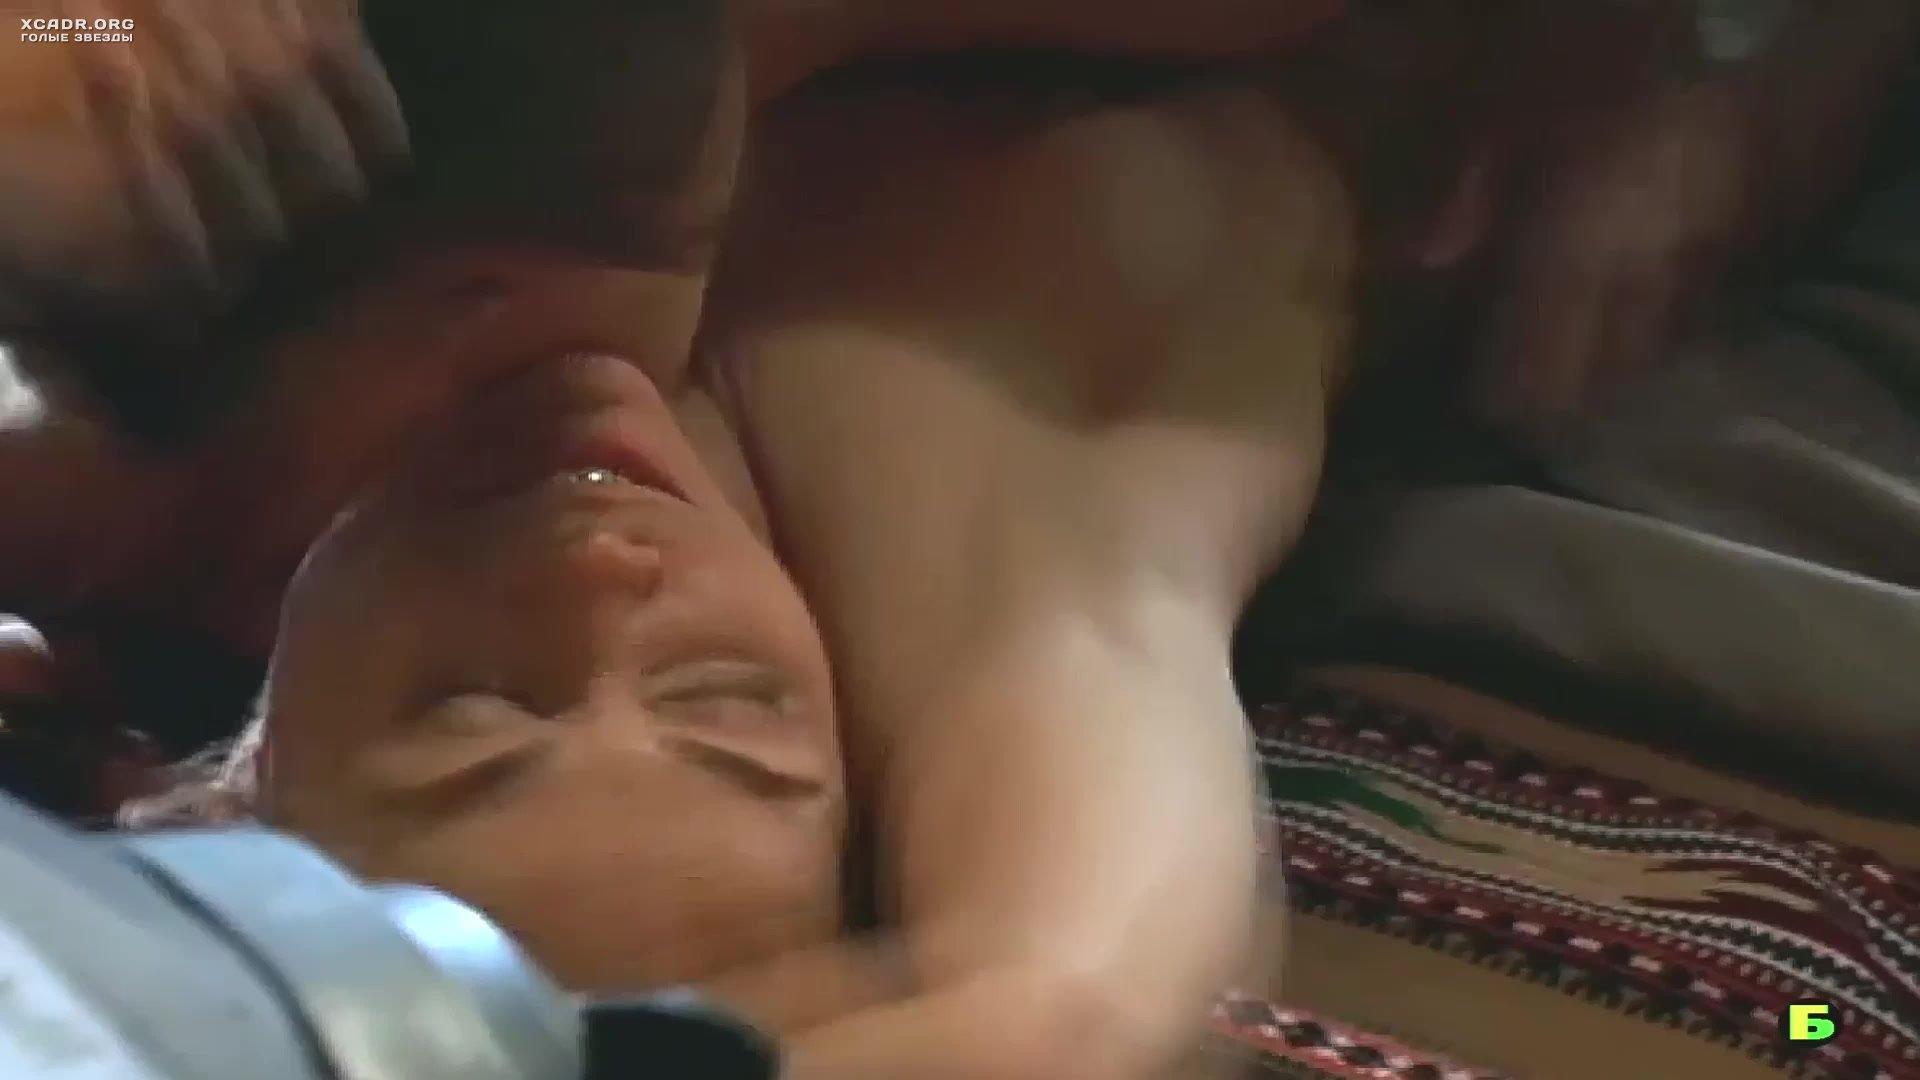 Смотреть эротические фото екатерины гусевой, Порно фото альбом голая Екатерина Гусева, секс фото 22 фотография